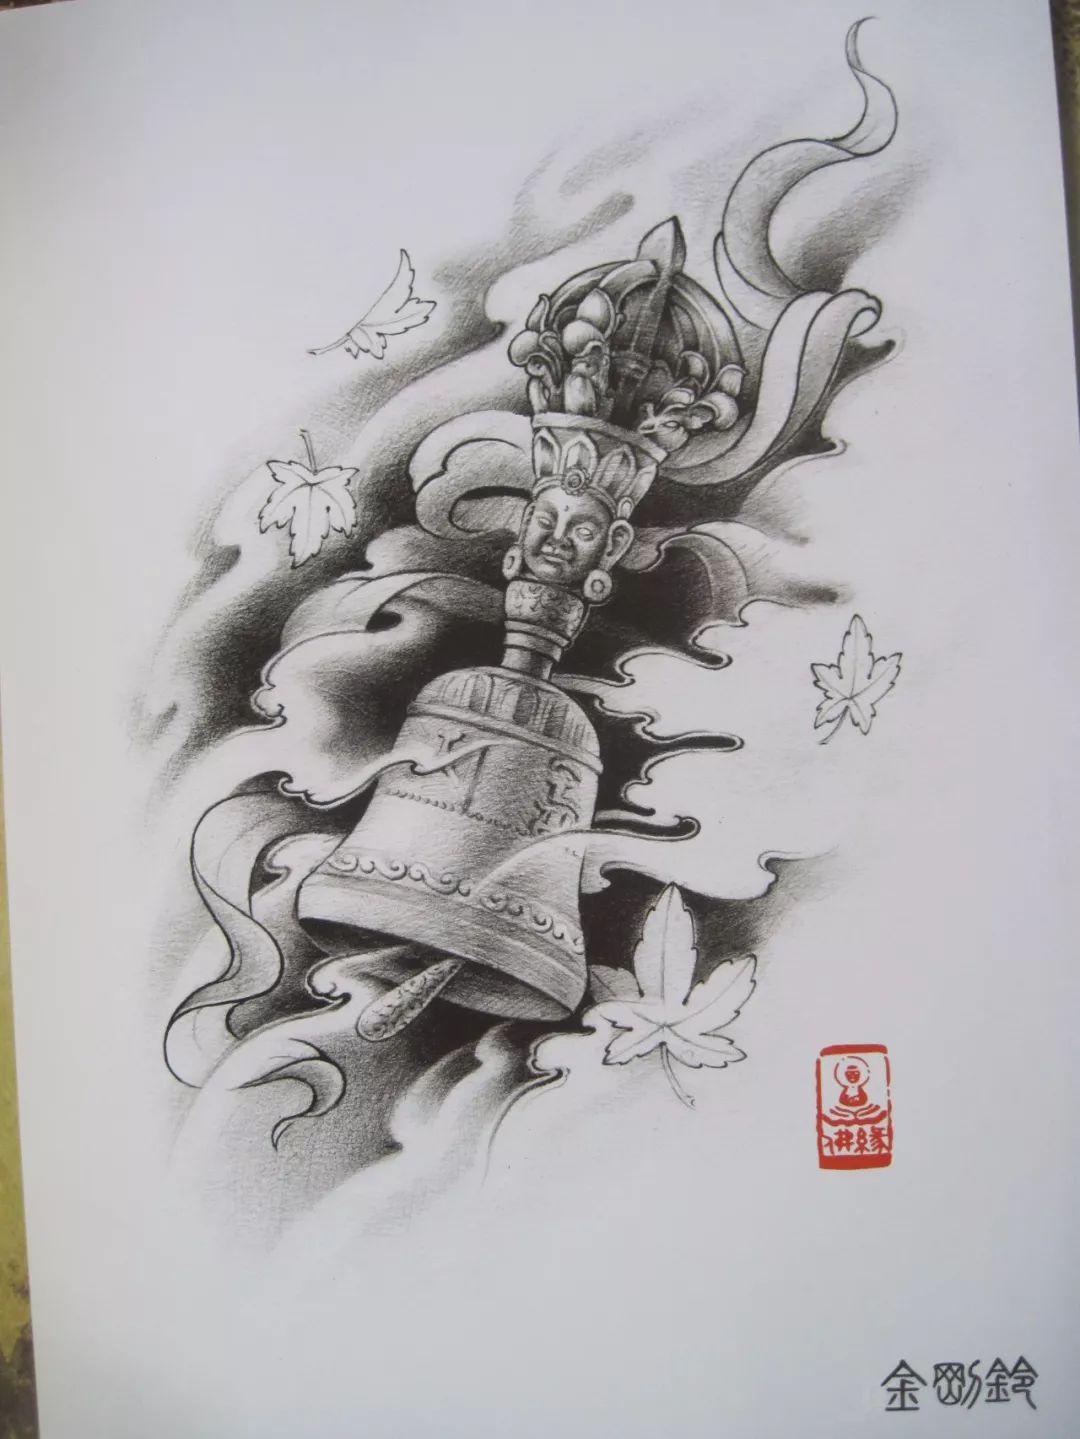 我是雕刻师,素描雕刻纹身手稿